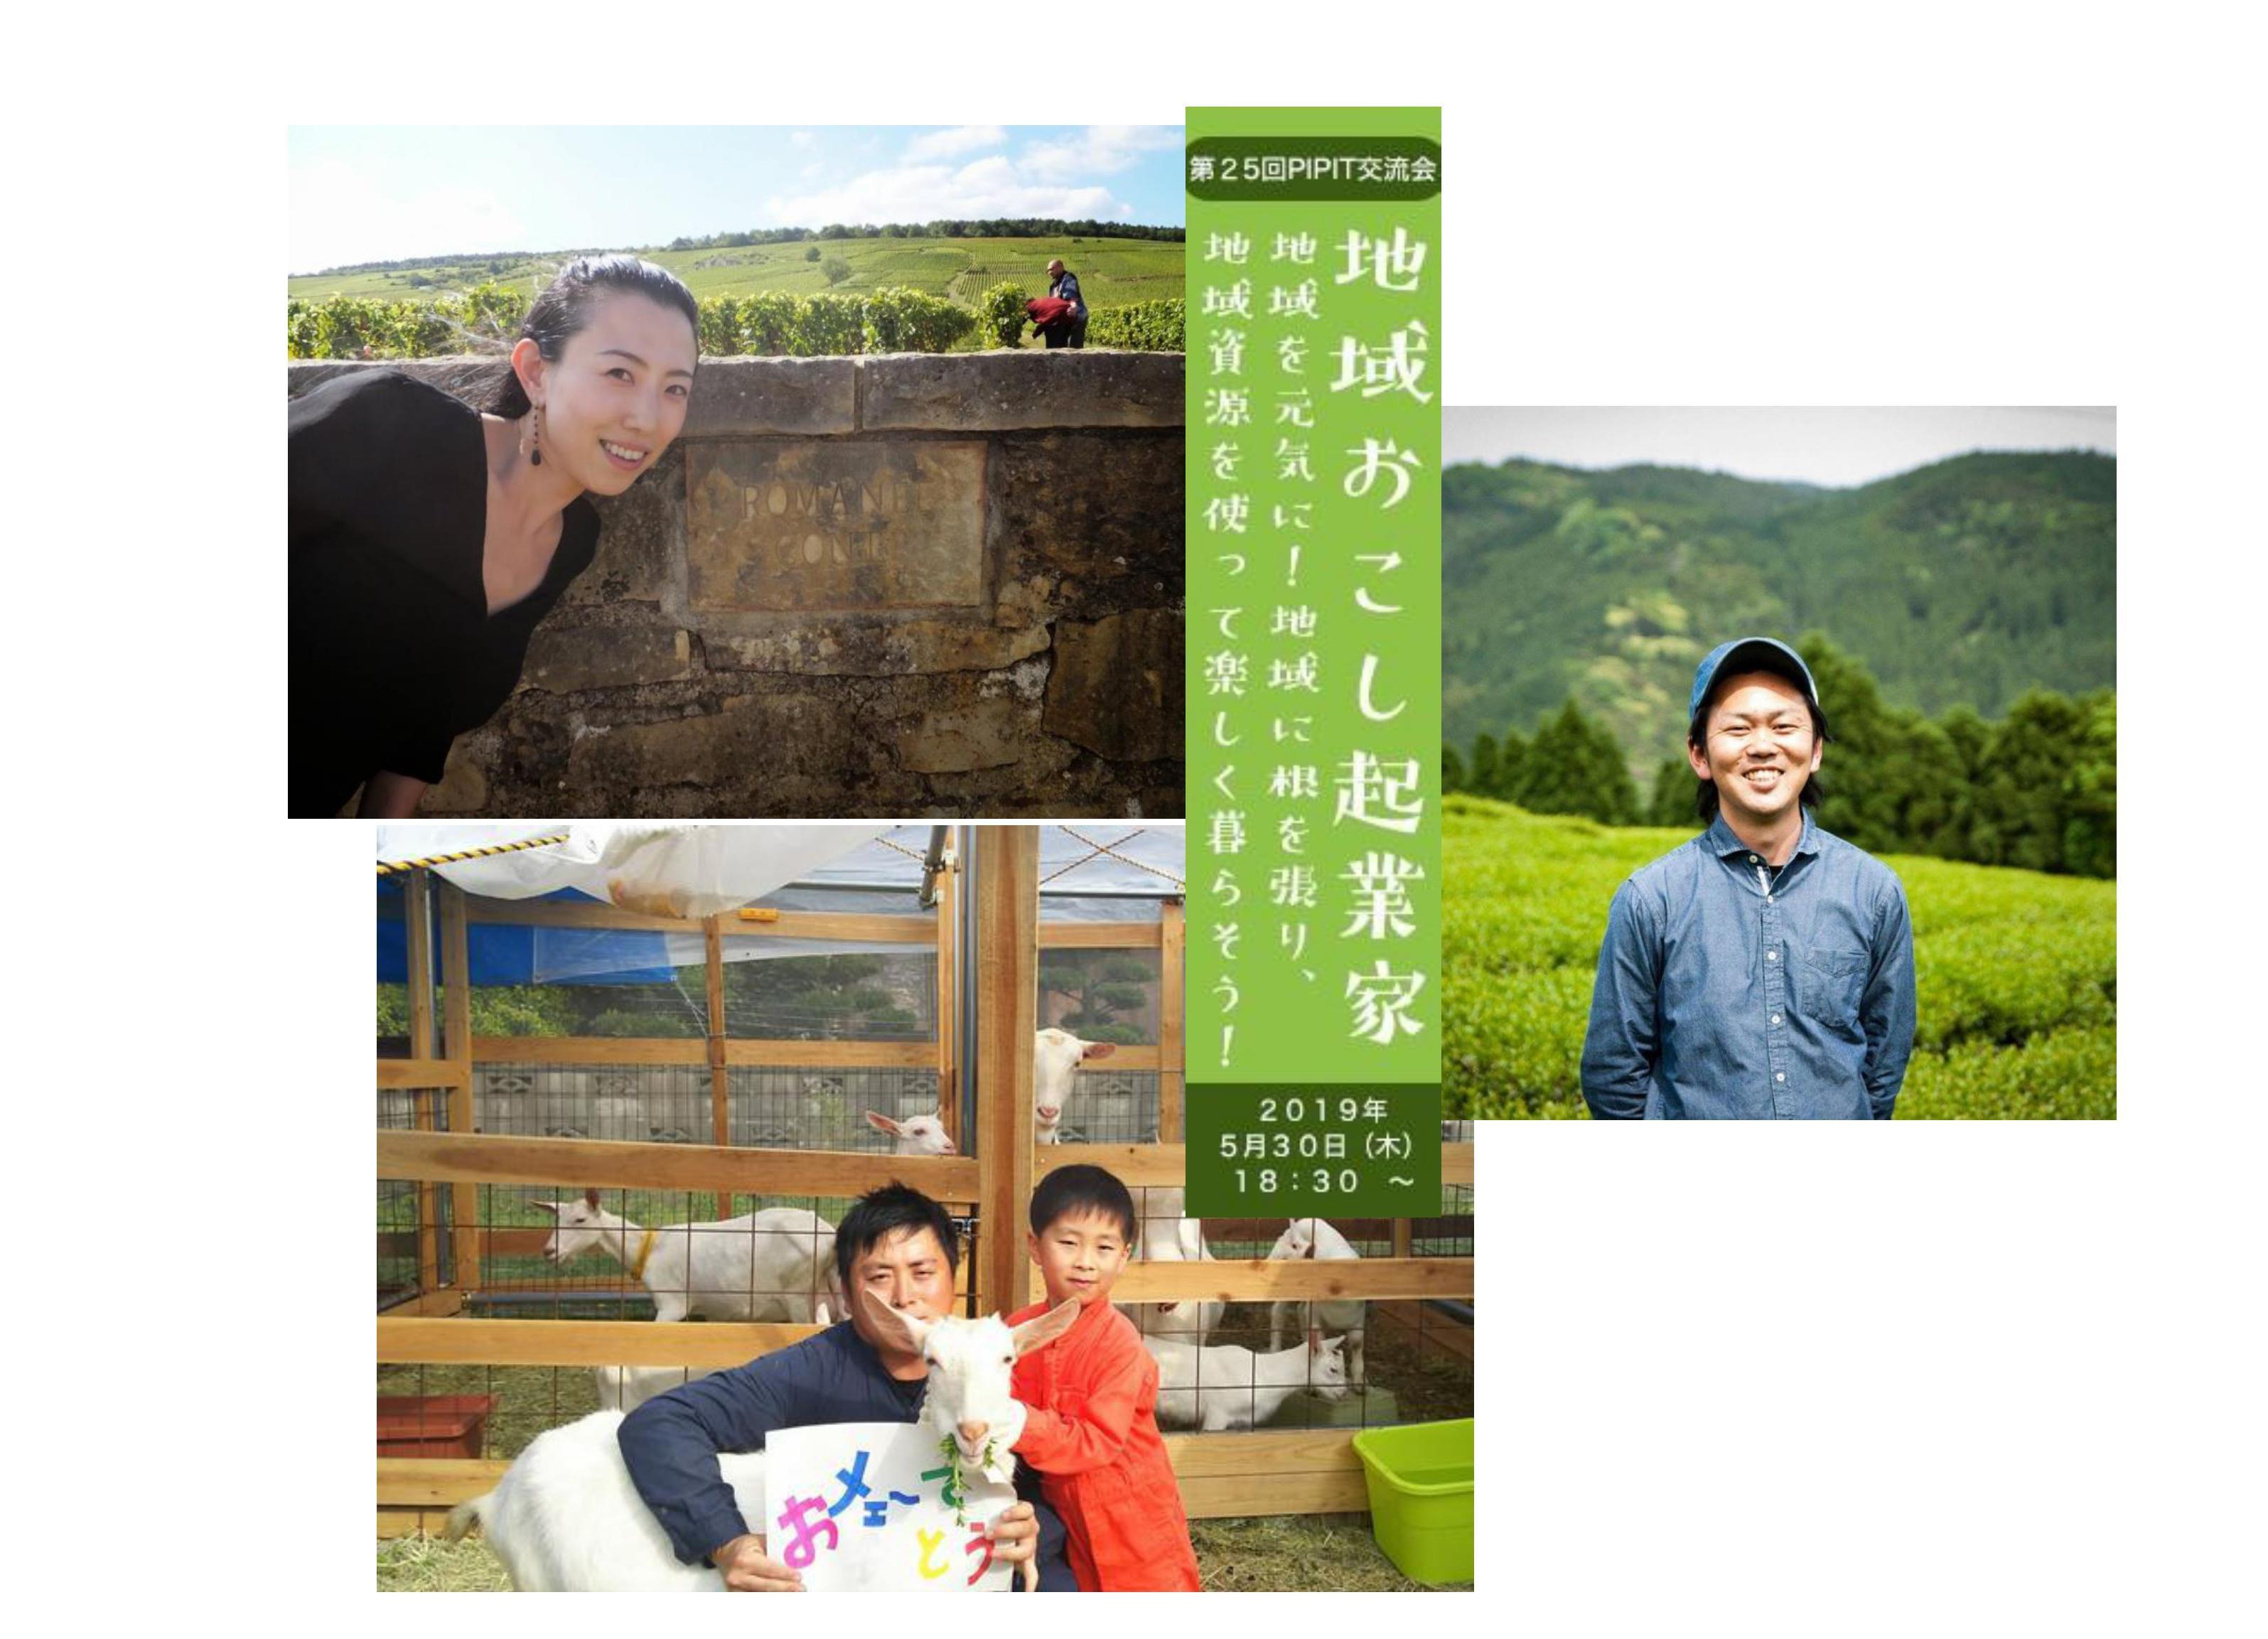 """「地域おこし起業家」~地域を元気に!地域に根を張り、地域資源を使って楽しく暮らそう!~(第25回PIPIT交流会)の写真です"""""""